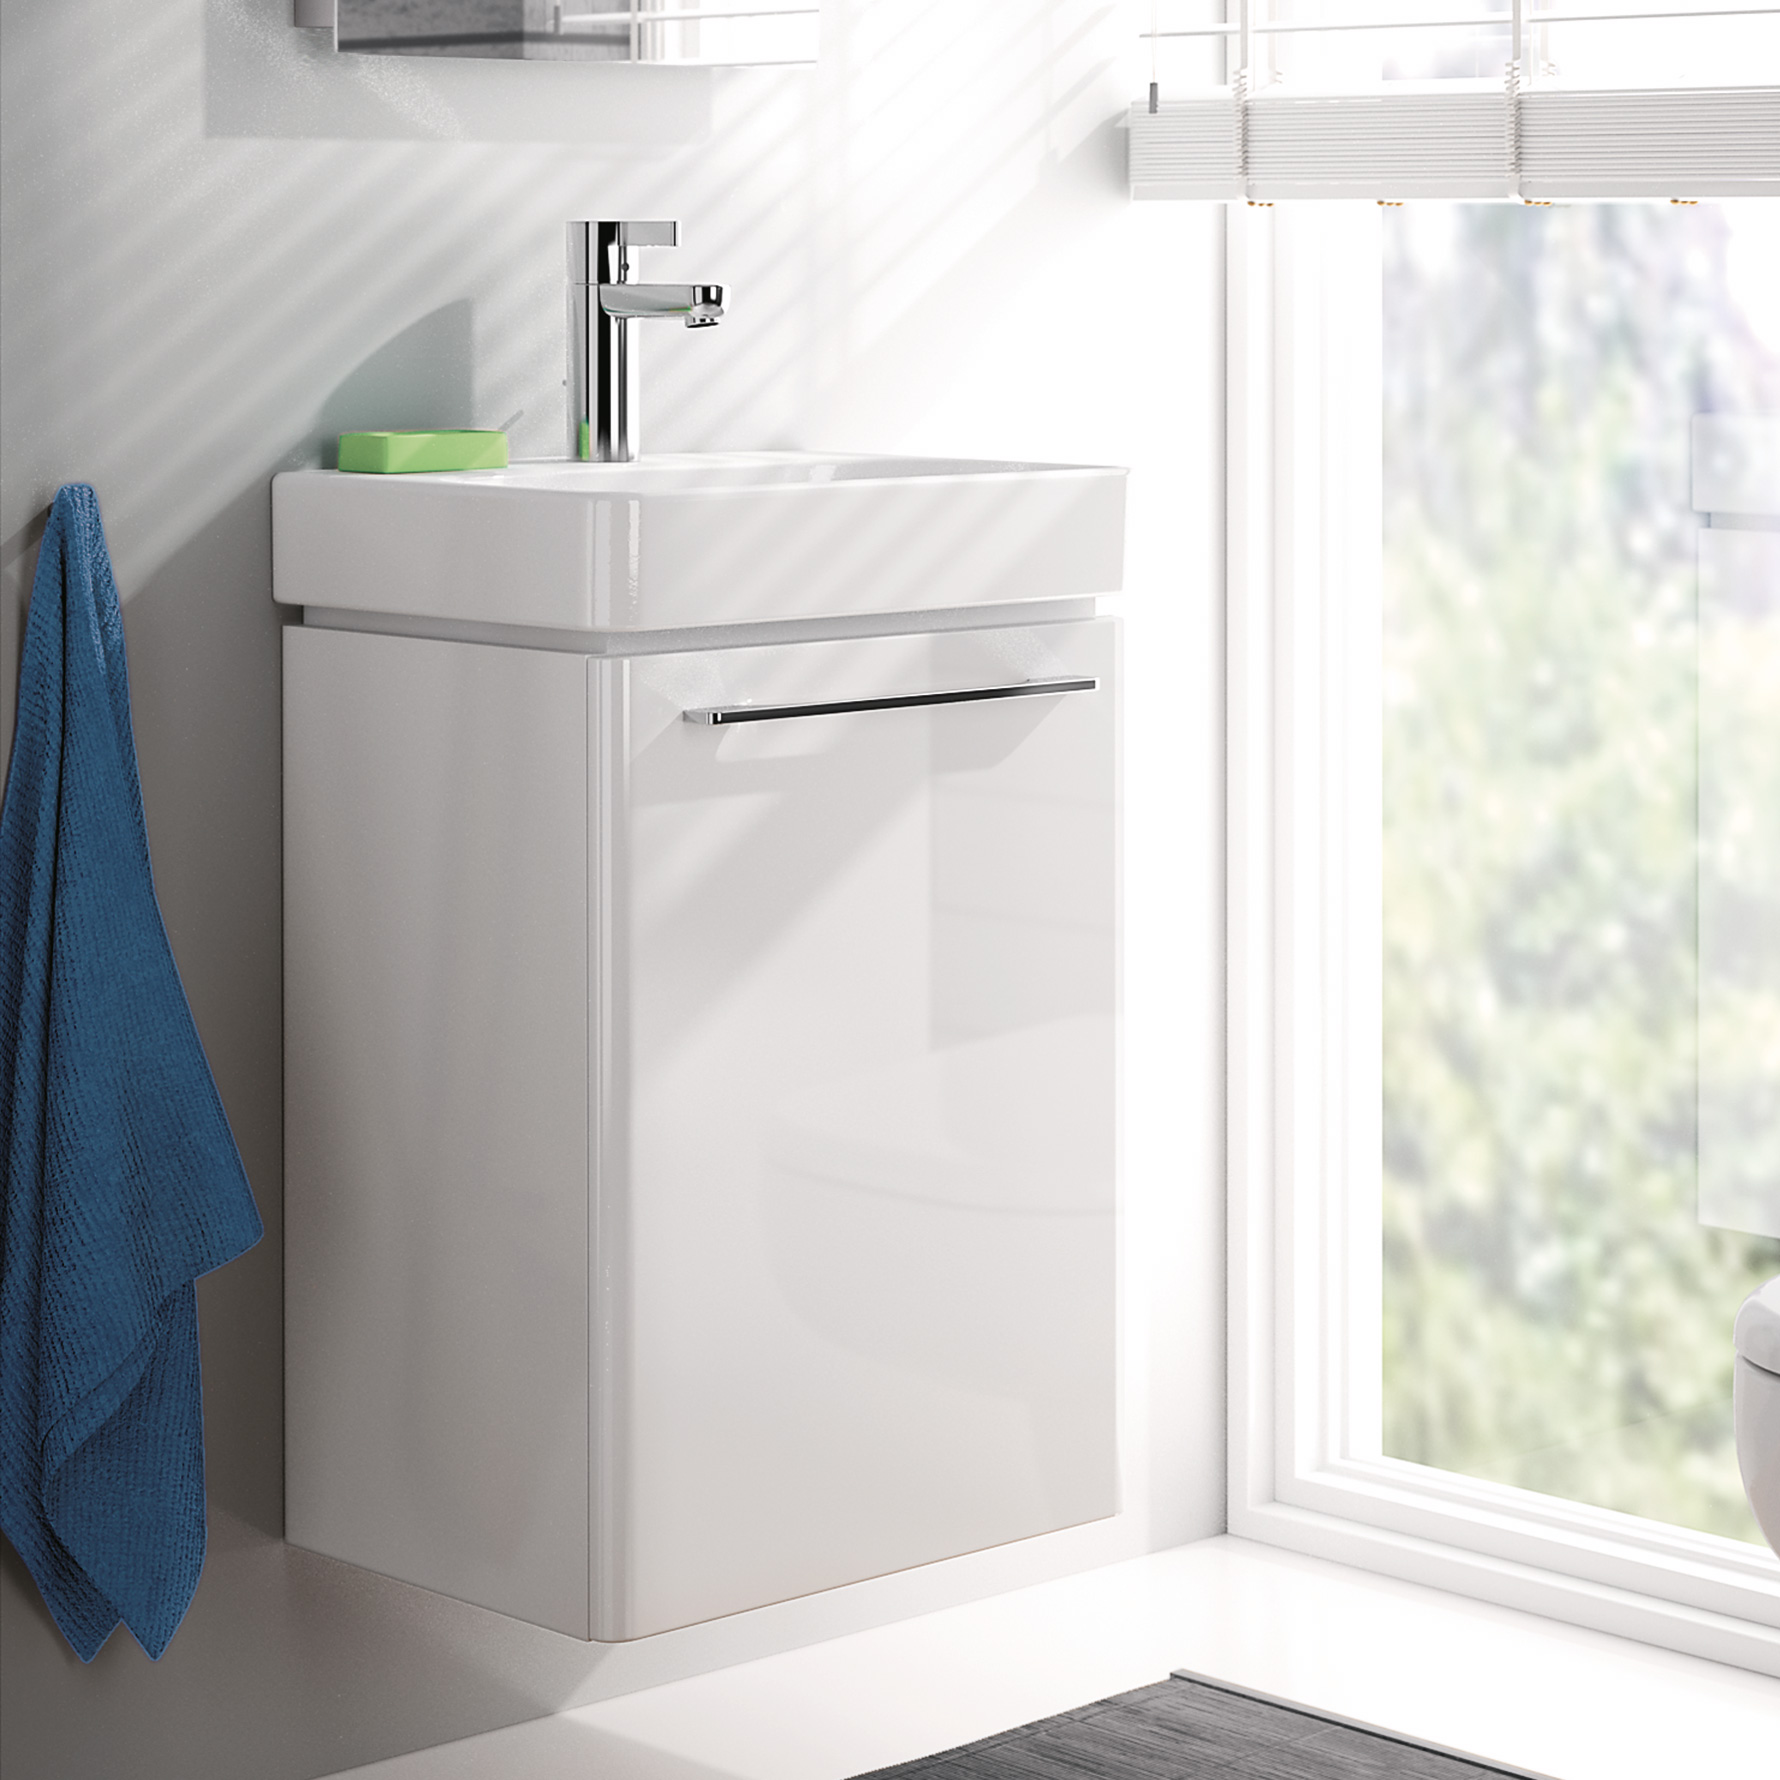 keramag smyle handwaschbecken unterschrank b 43 4 h 62 5 t 34 9 cm front und korpus wei. Black Bedroom Furniture Sets. Home Design Ideas